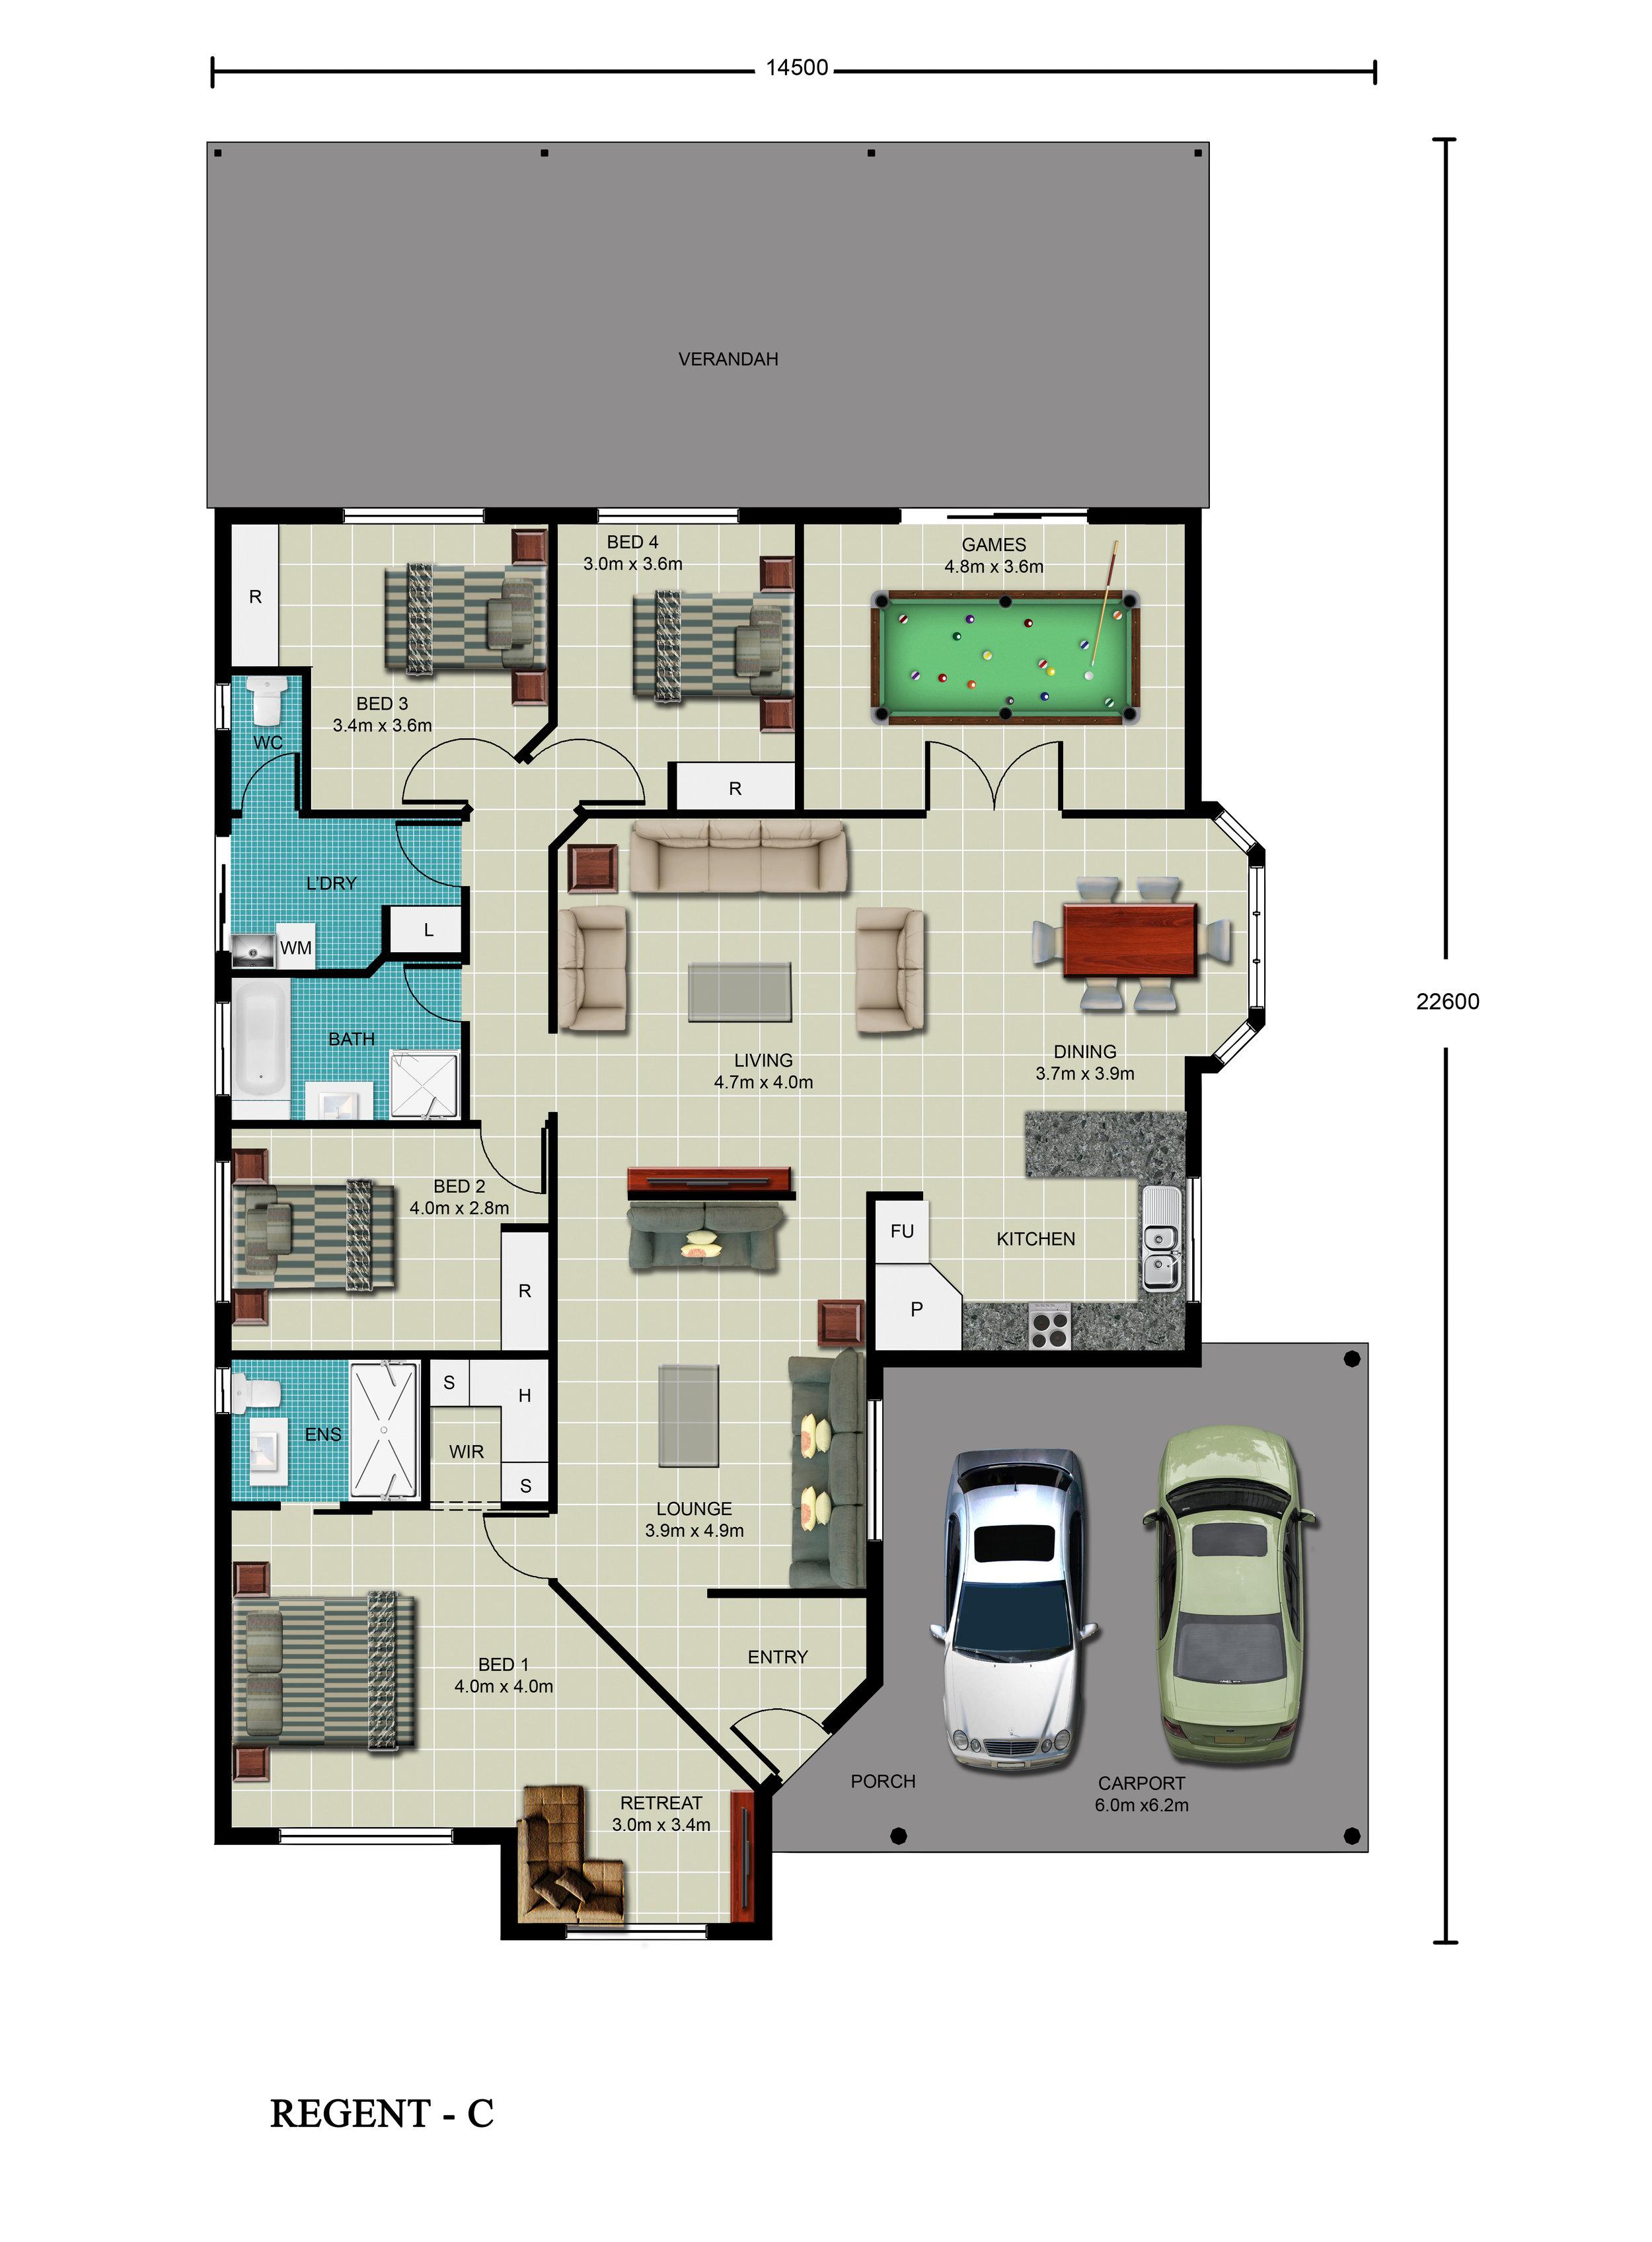 Regent-C Floor Plan